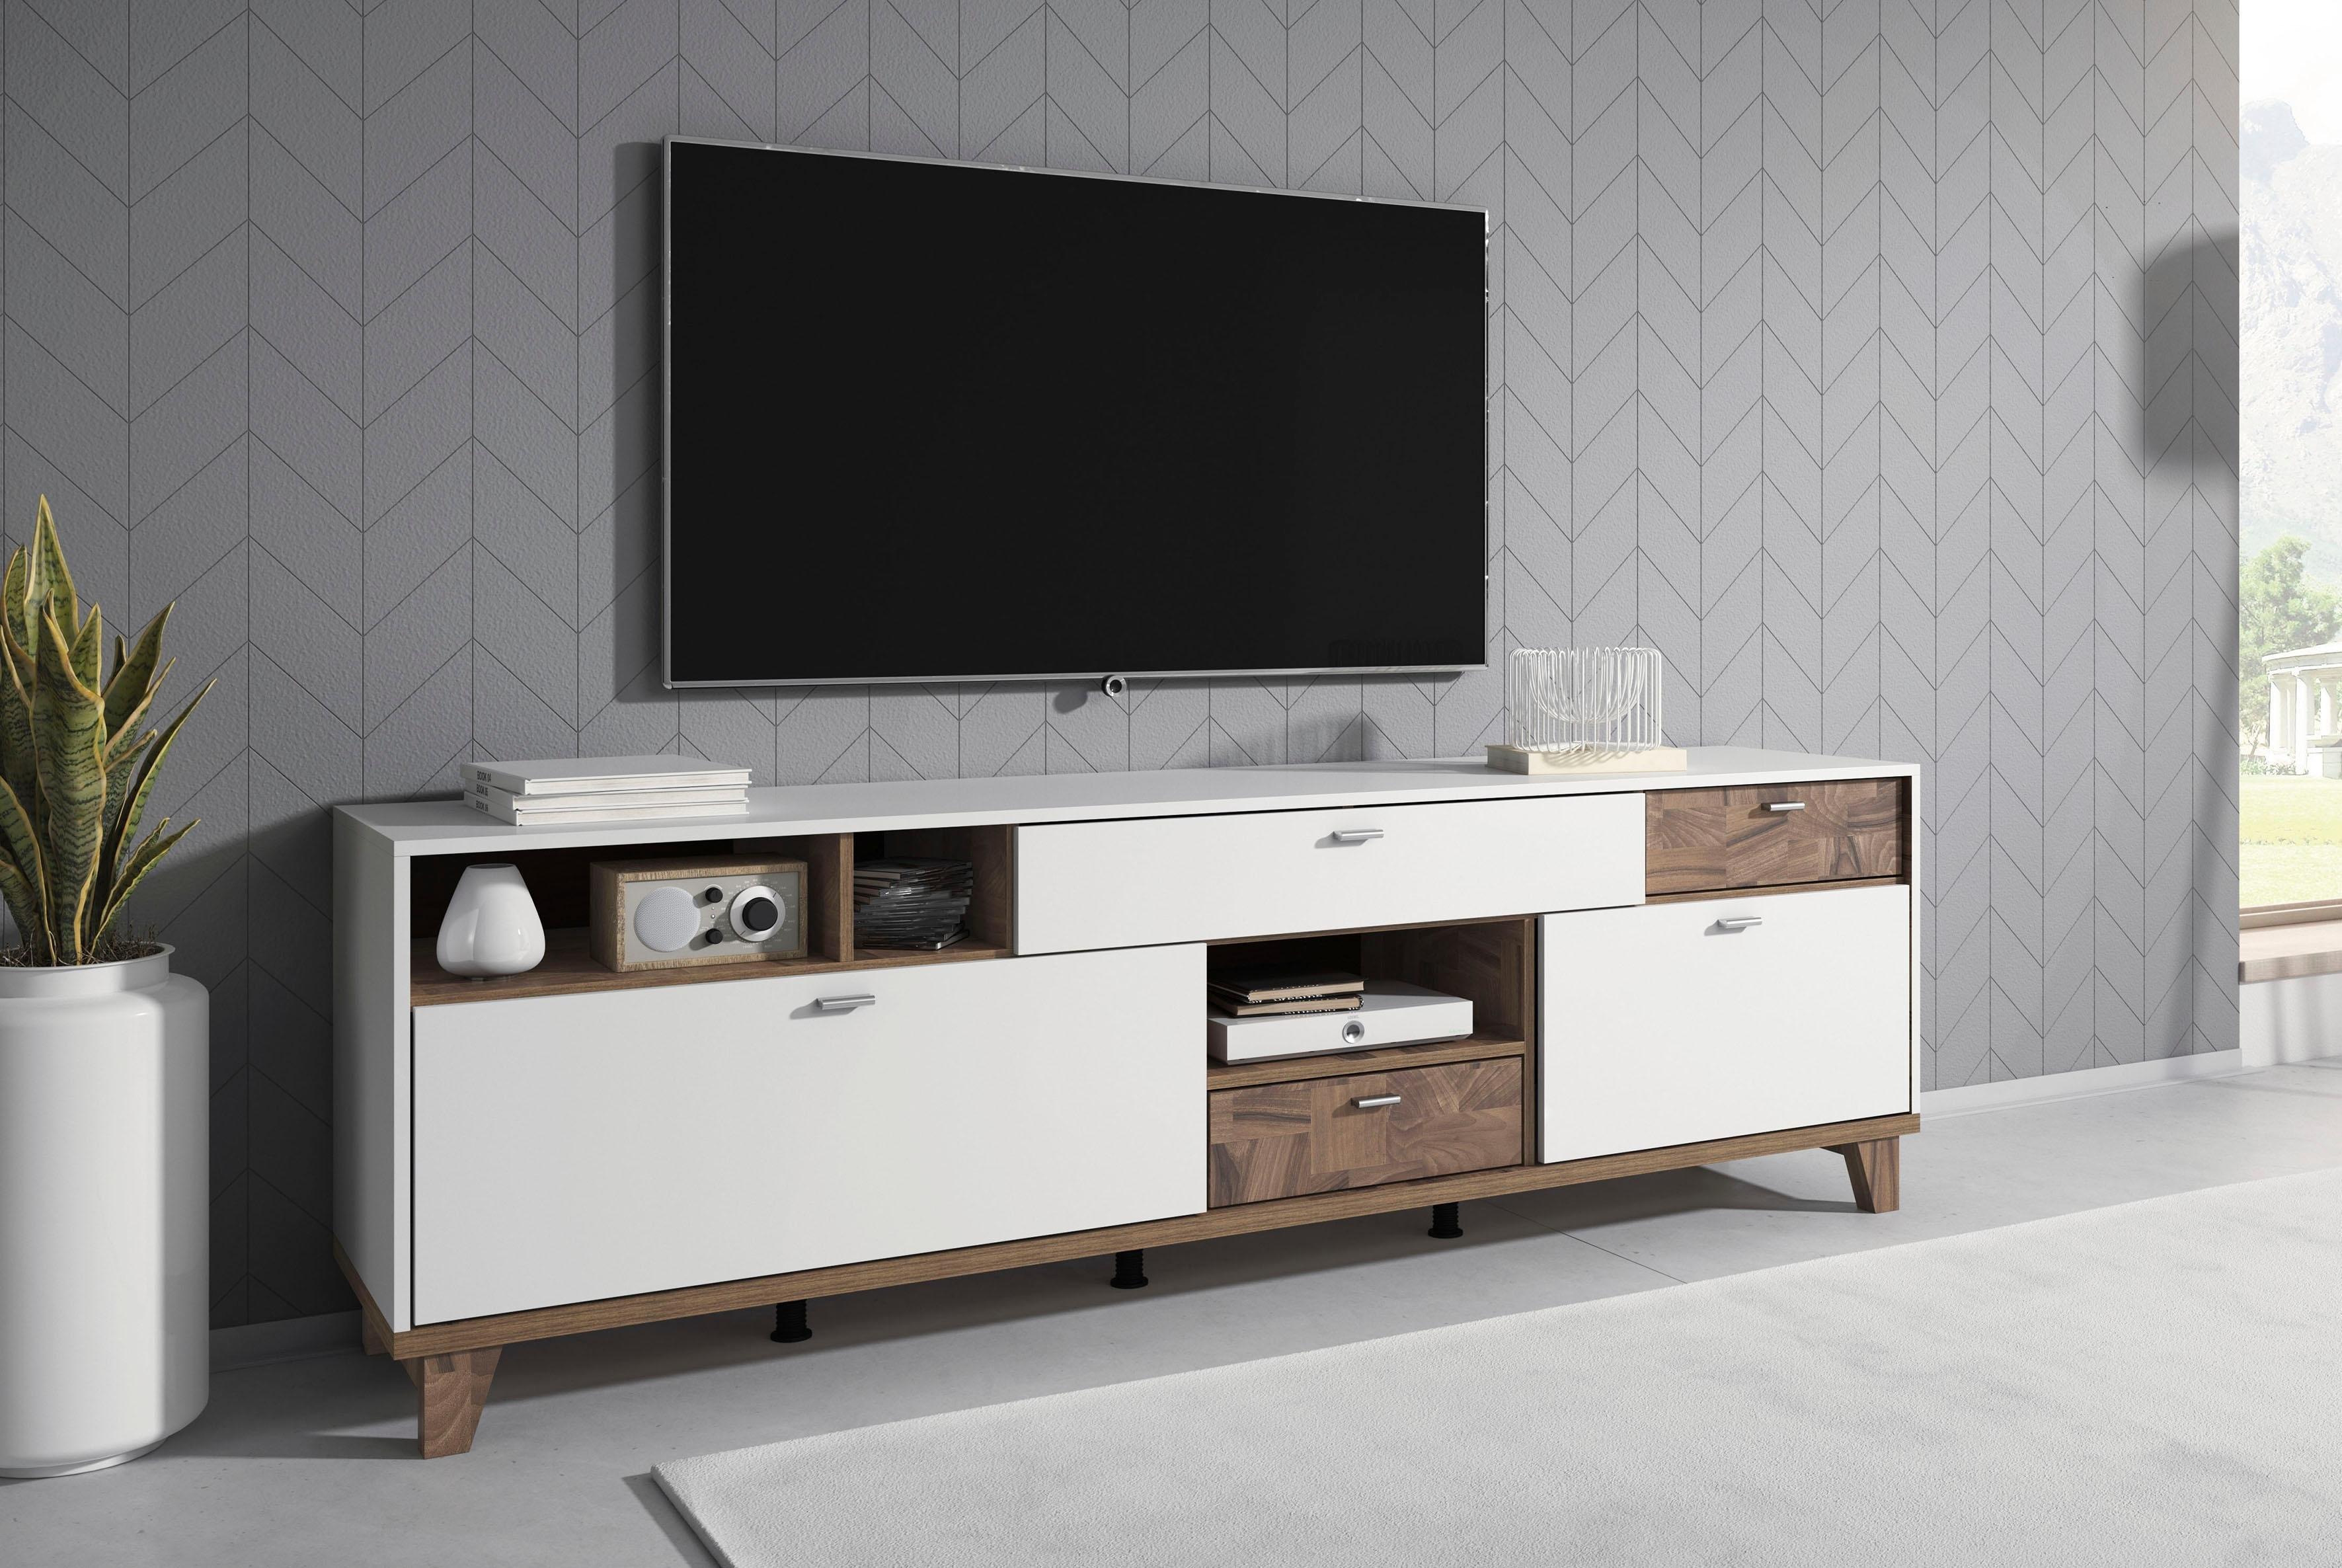 TRENDMANUFAKTUR tv-meubel Move Breedte 206 cm bestellen: 30 dagen bedenktijd